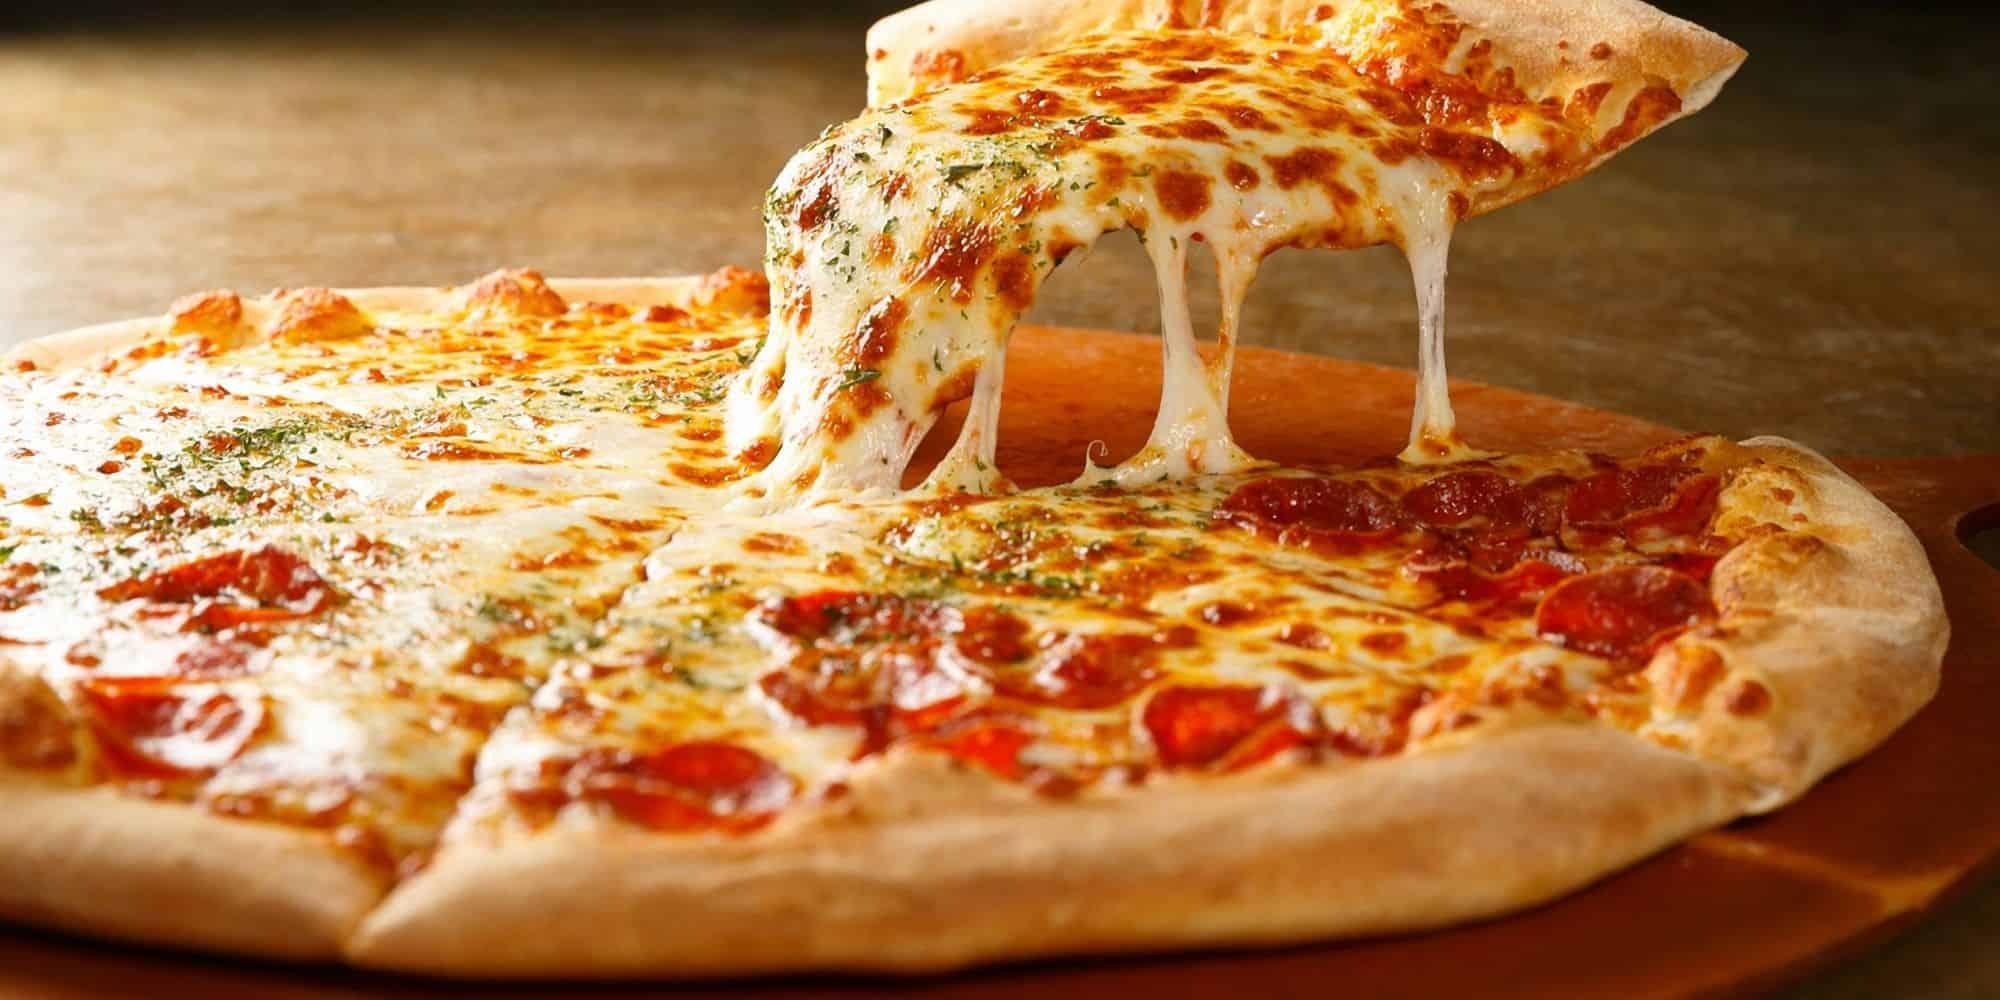 pizza recién hecha